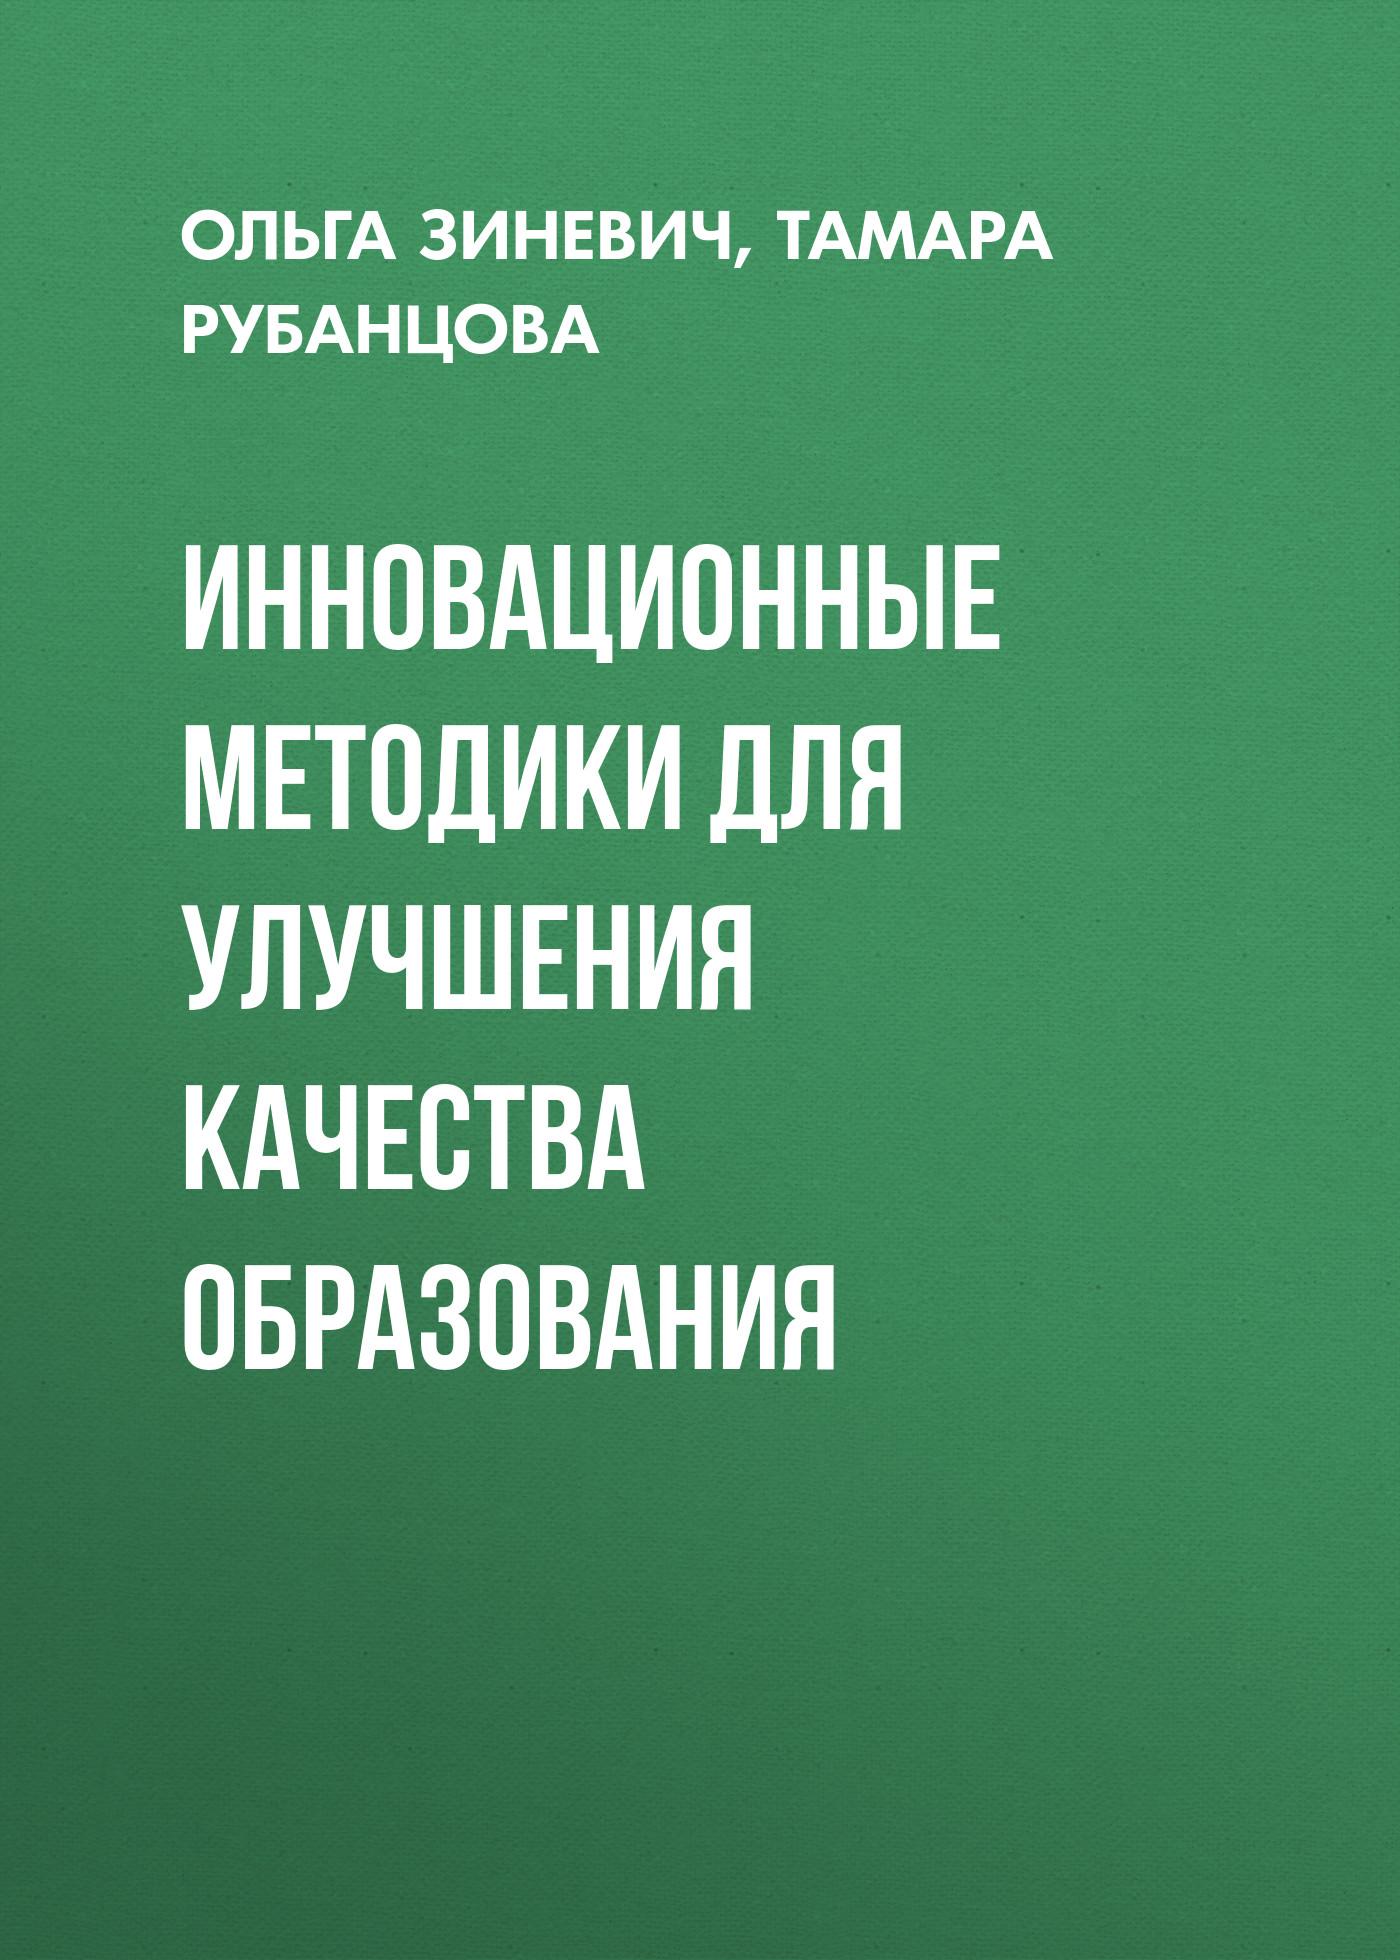 Ольга Зиневич Инновационные методики для улучшения качества образования елканова т инновационные методы обучения физике